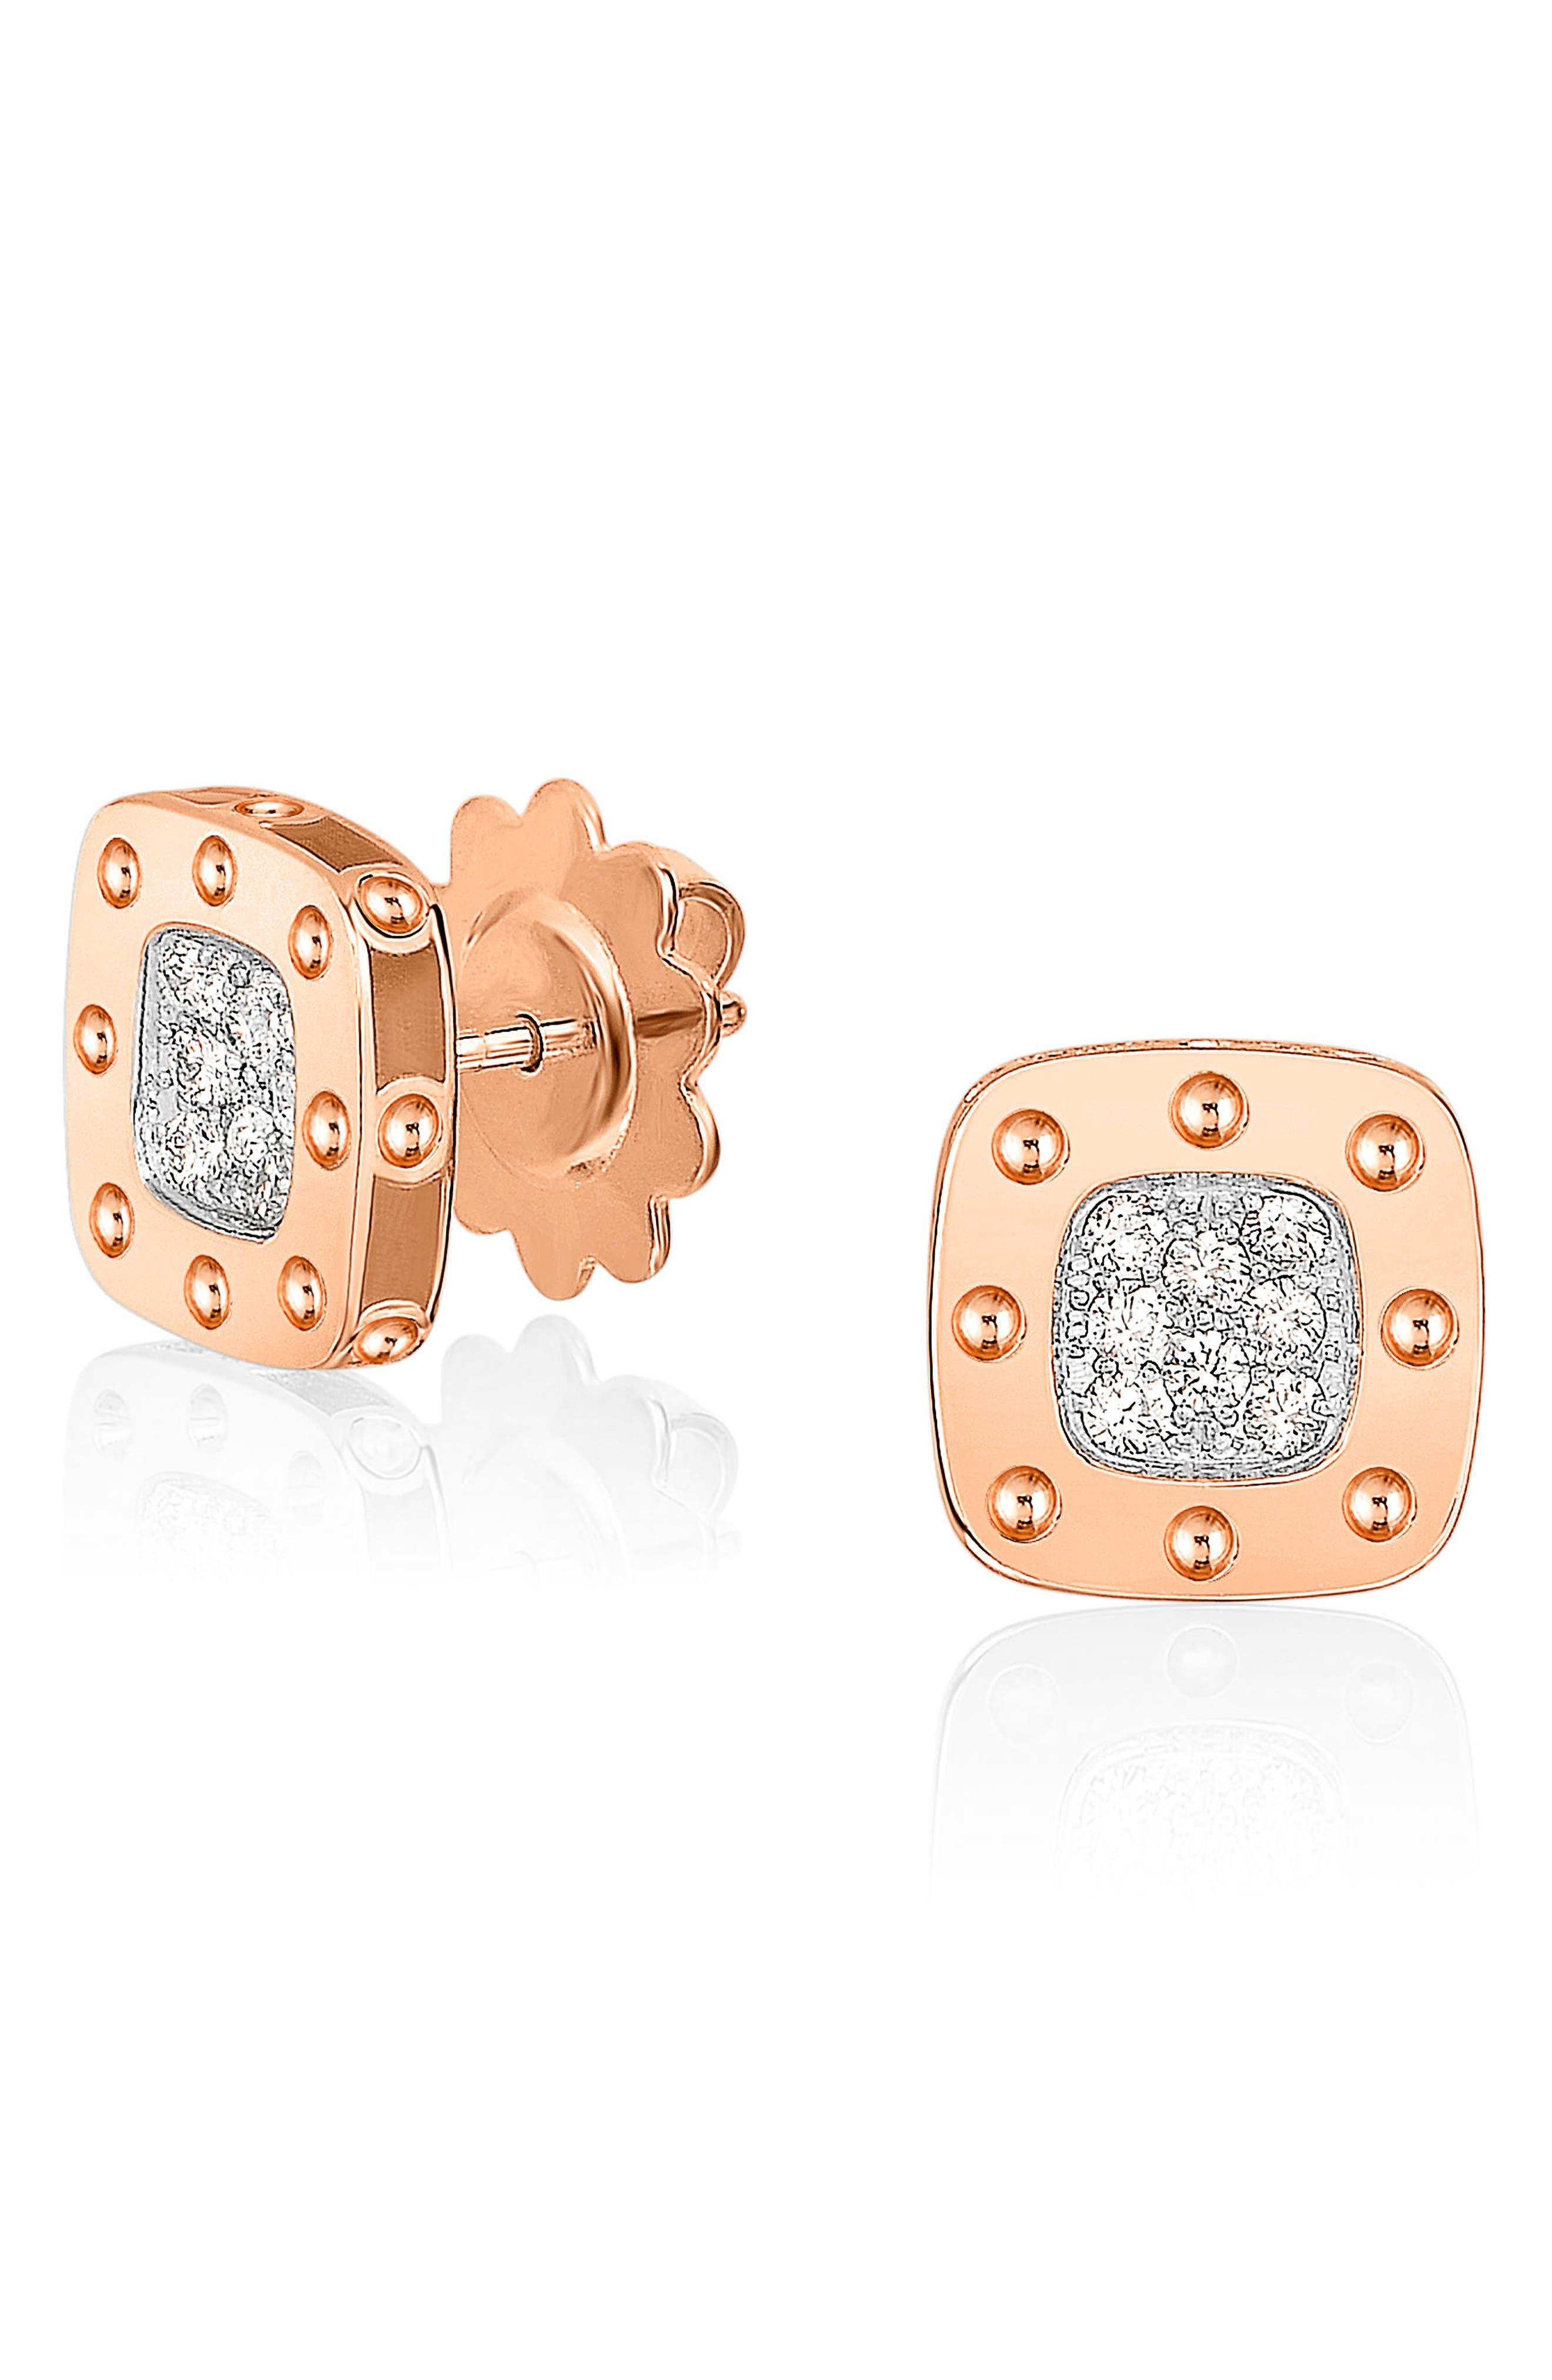 Alternate Image 1 Selected - Roberto Coin 'Pois Moi' Diamond Stud Earrings